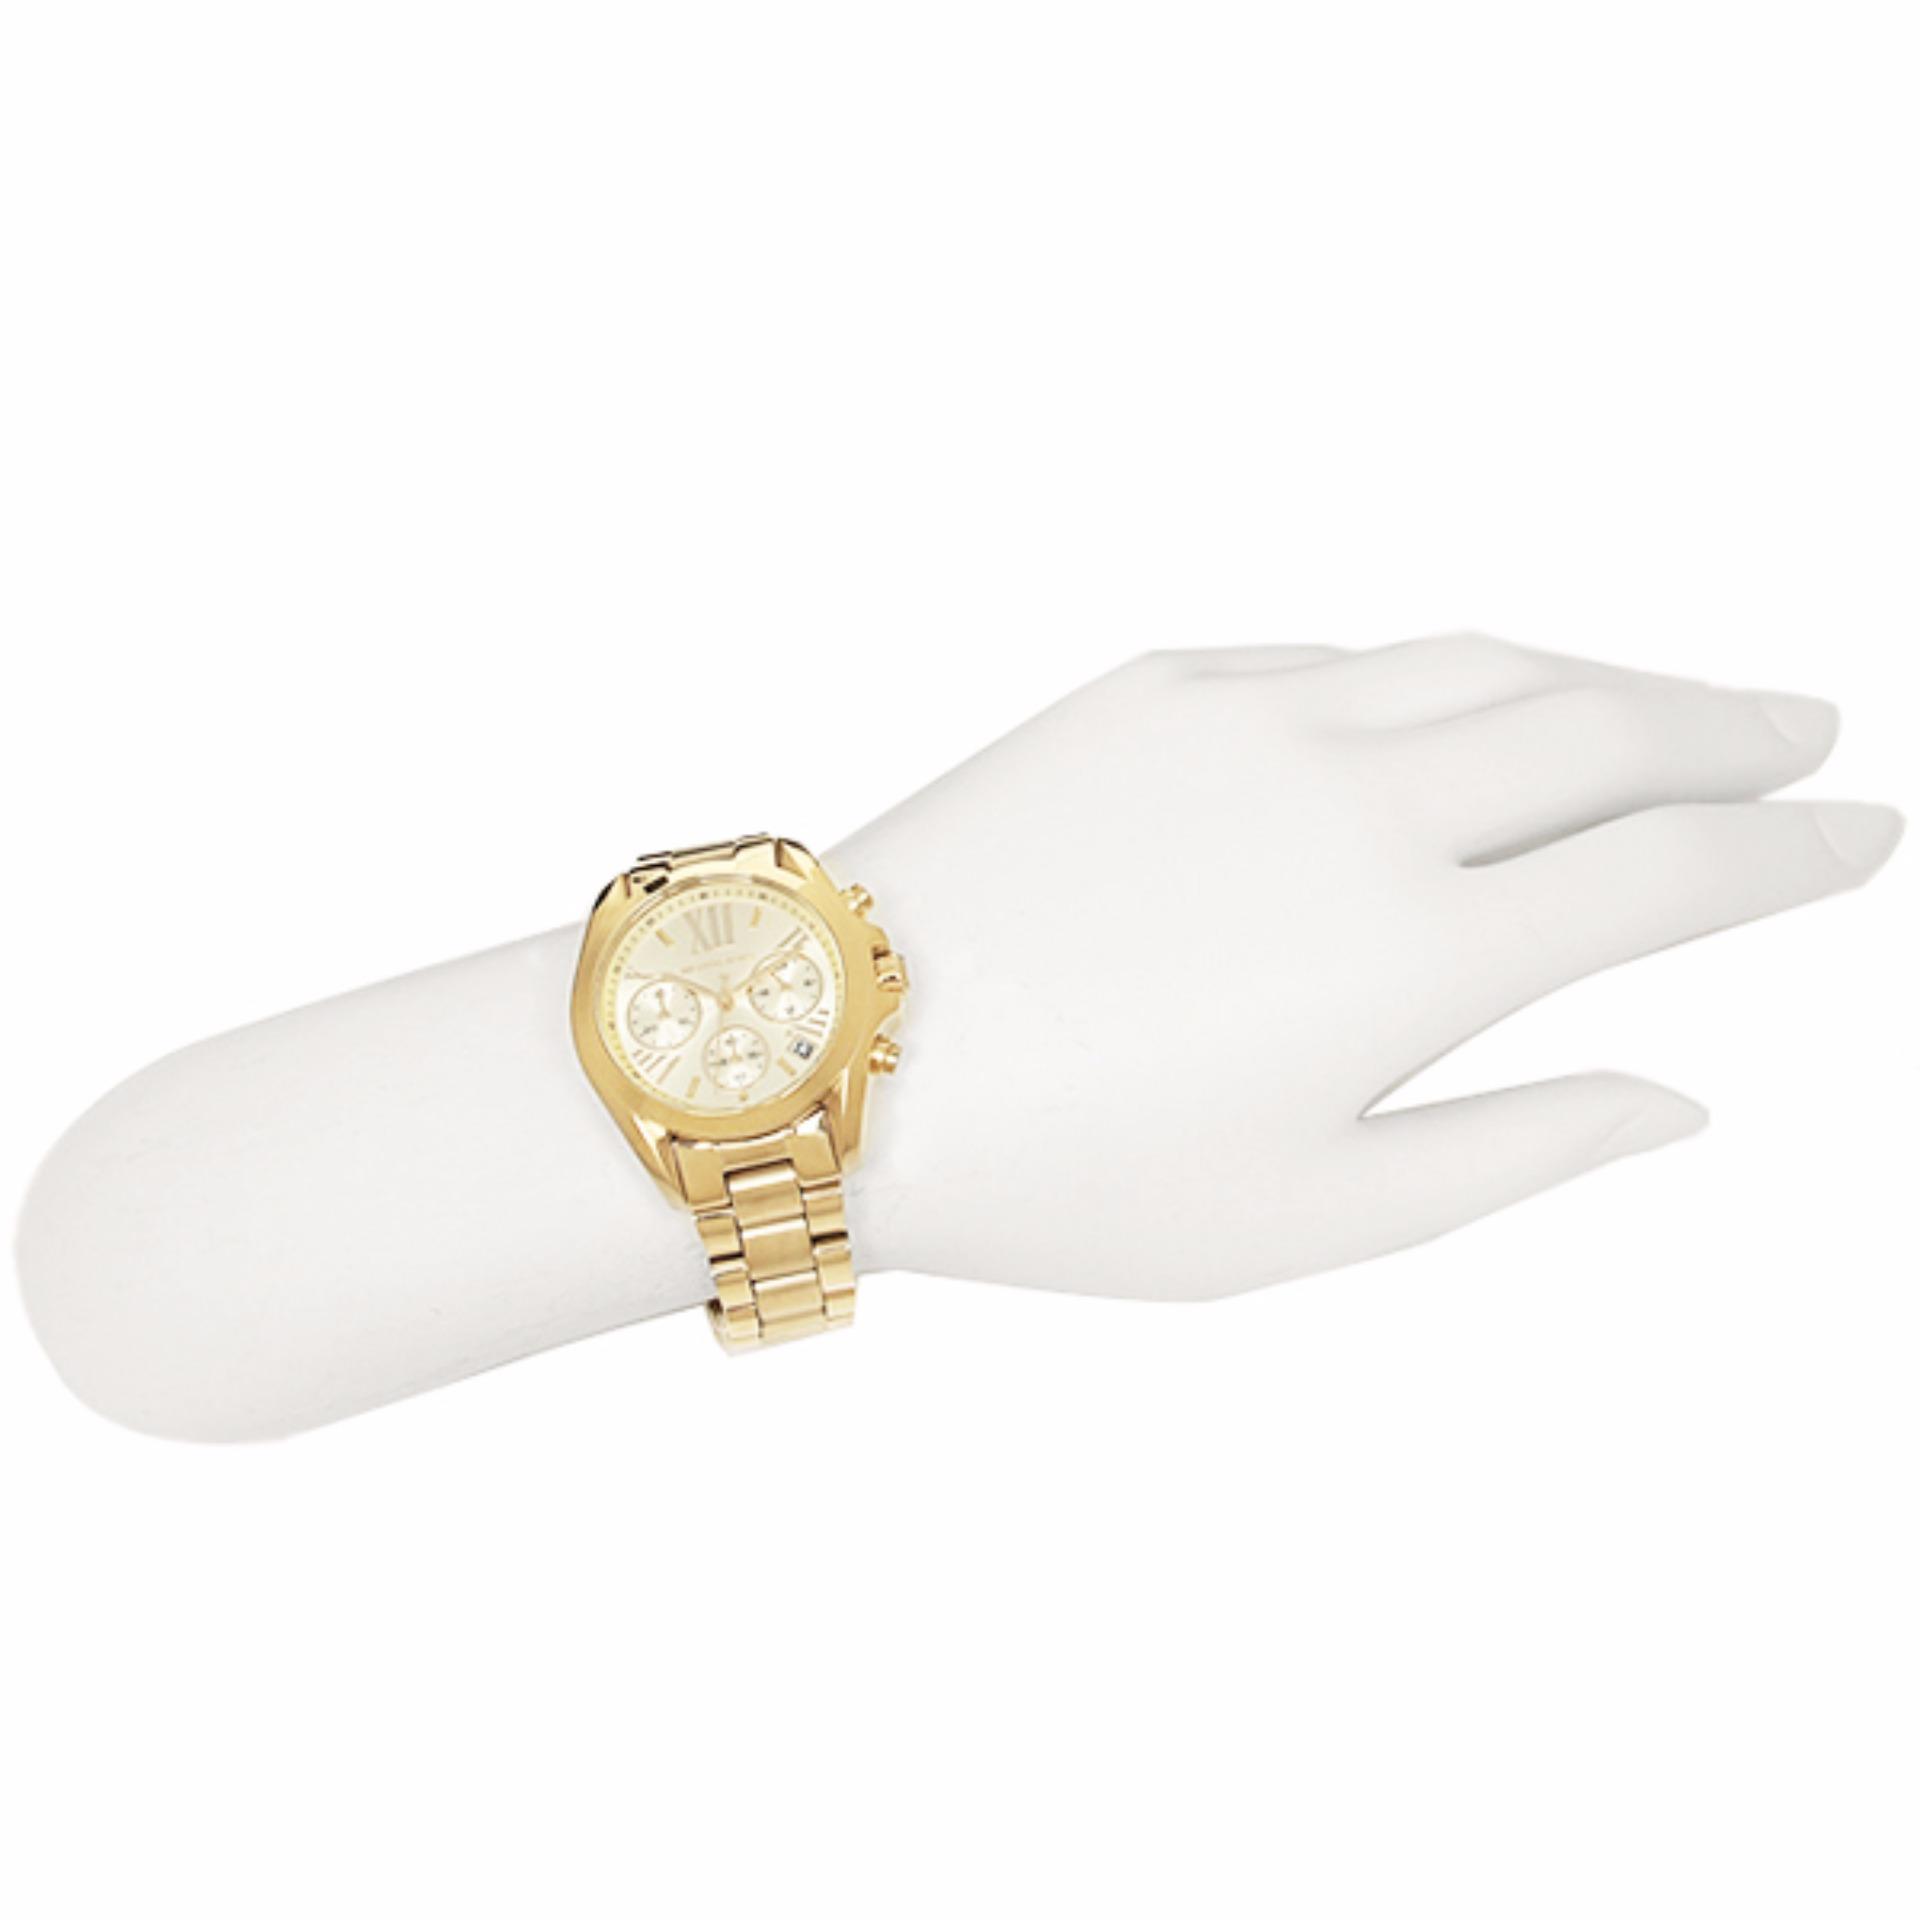 65c2eb595dca ... Michael Kors Bradshaw Chronograph Champagne Dial Gold-tone Women s  Watch - MK5798 ...